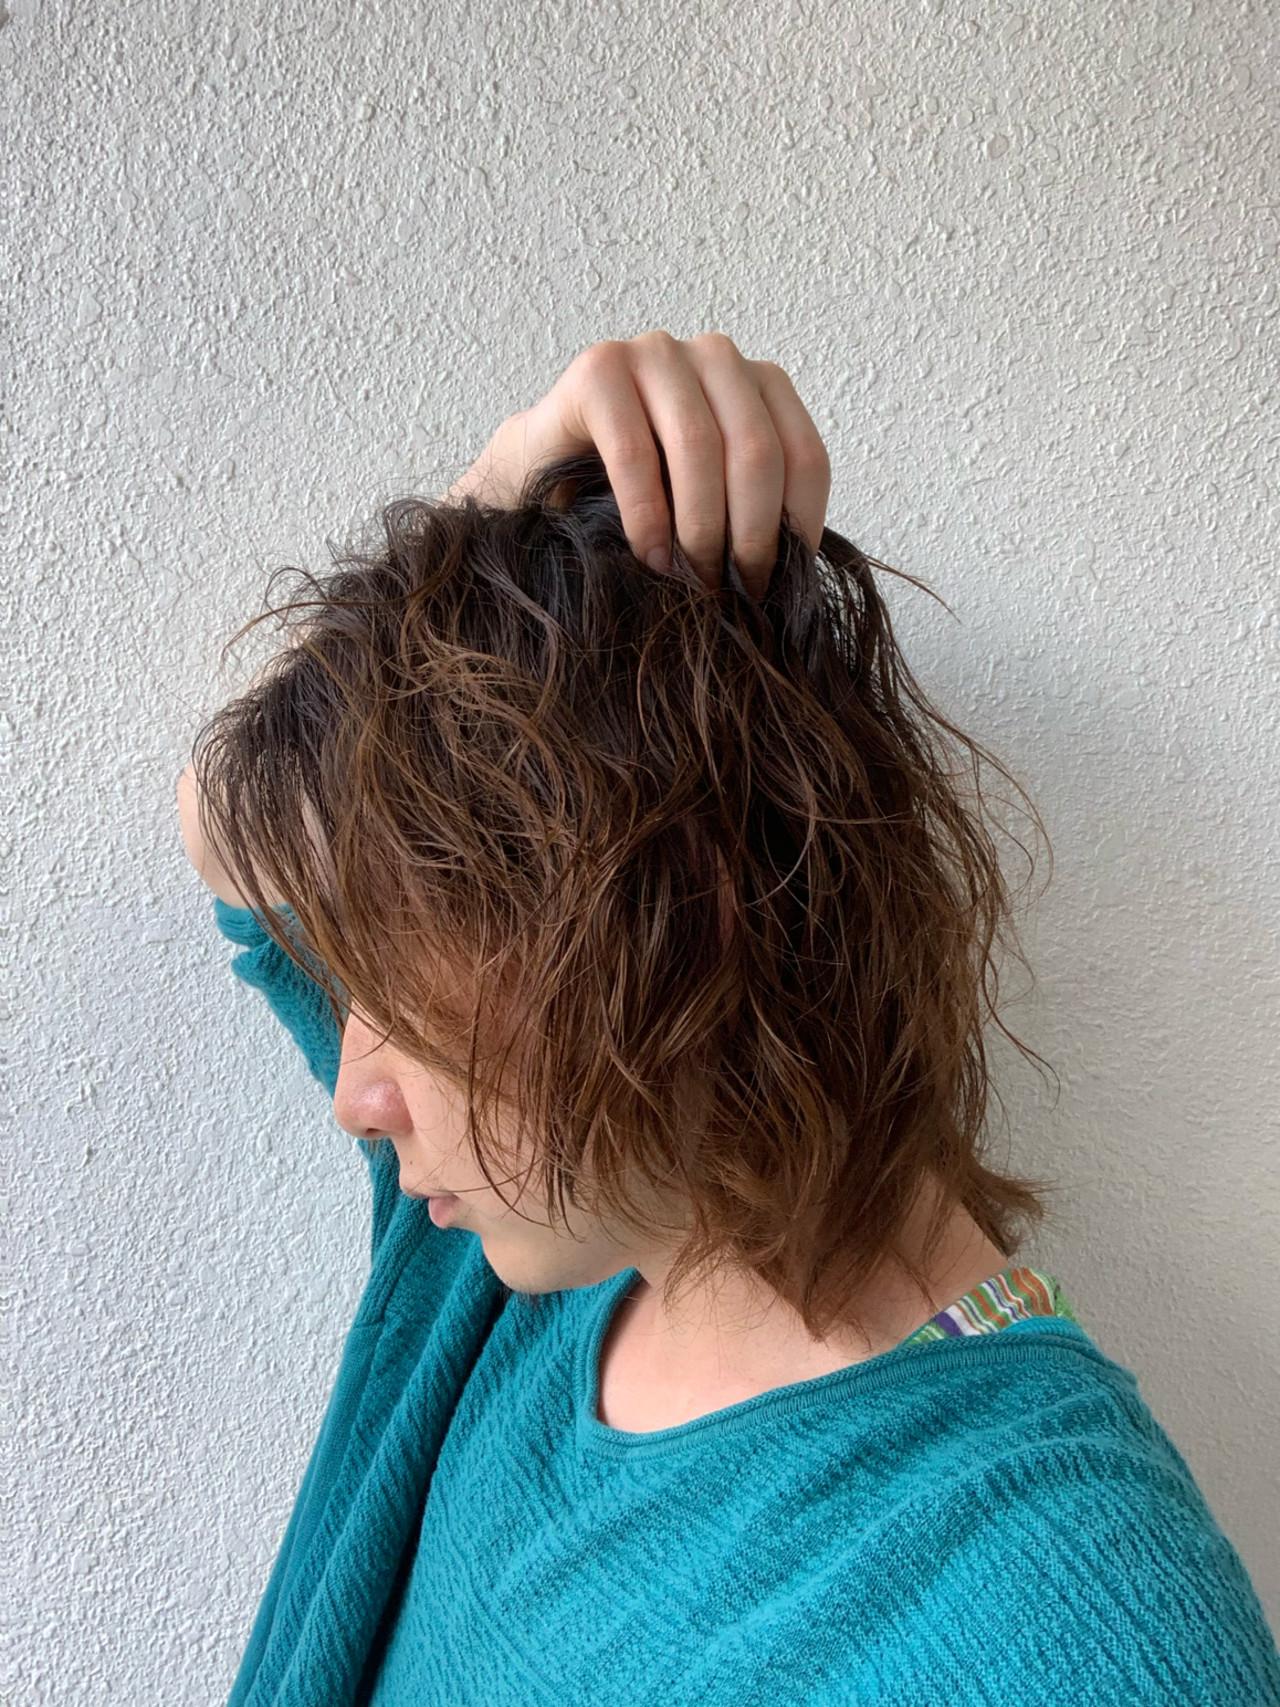 ボブ 無造作パーマ メンズスタイル ストリート ヘアスタイルや髪型の写真・画像